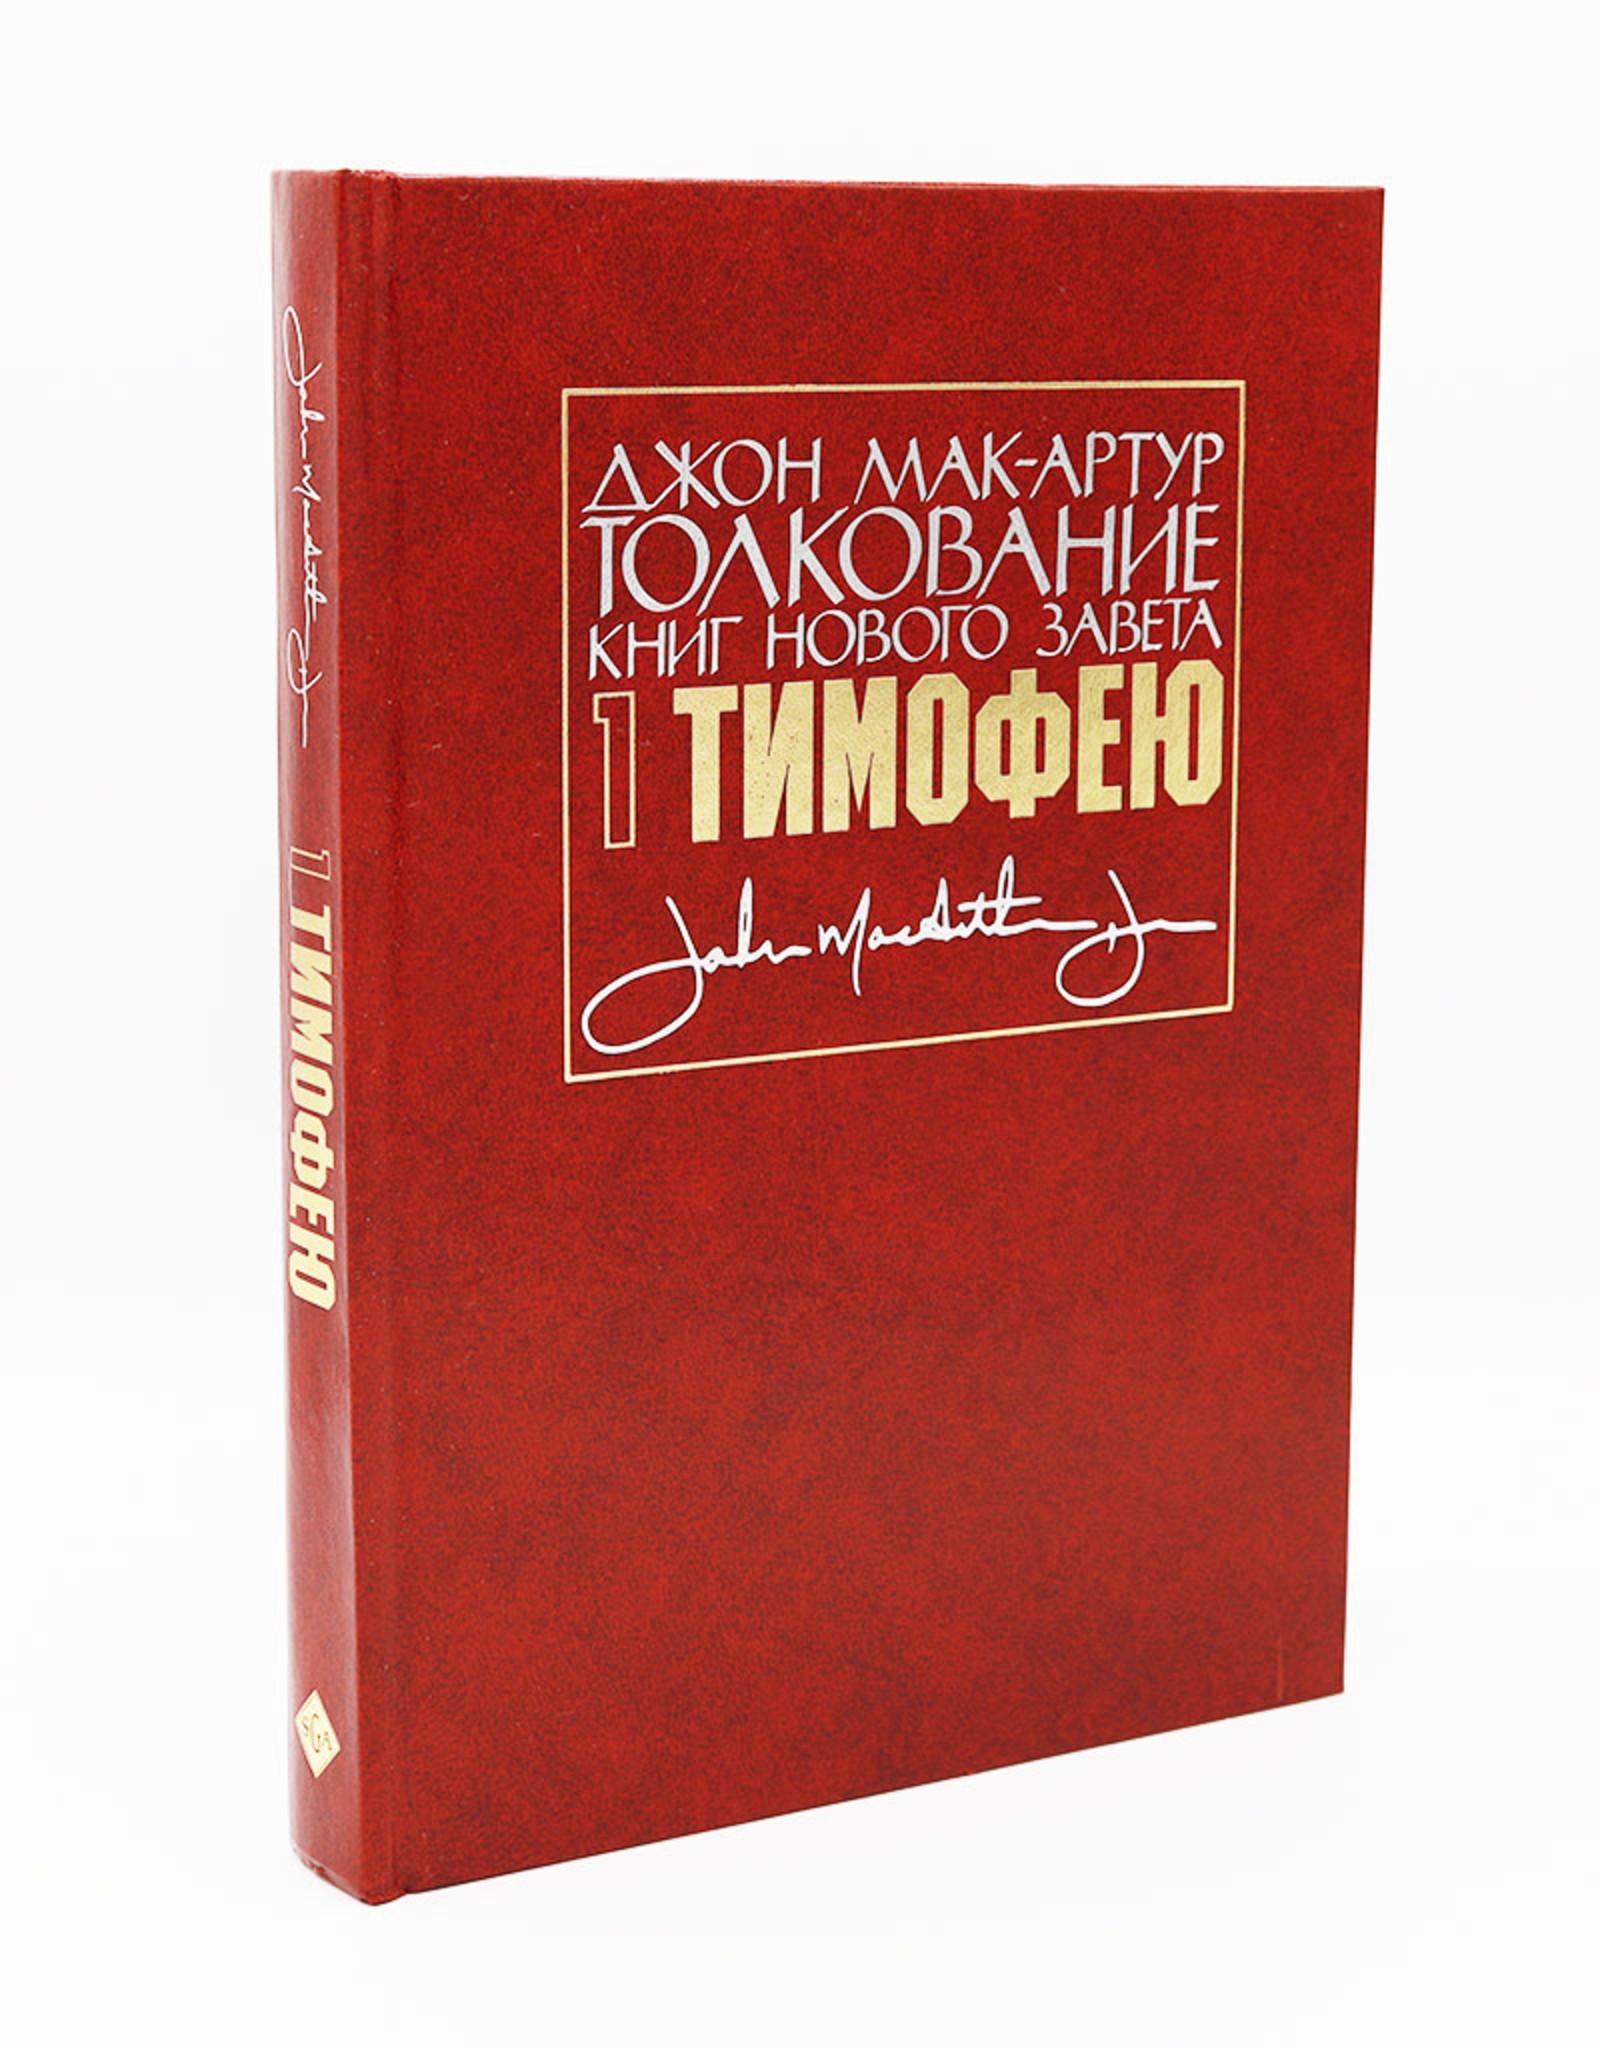 Джон Мак-Артур Толкование книг нового завета, 1 Тимофею